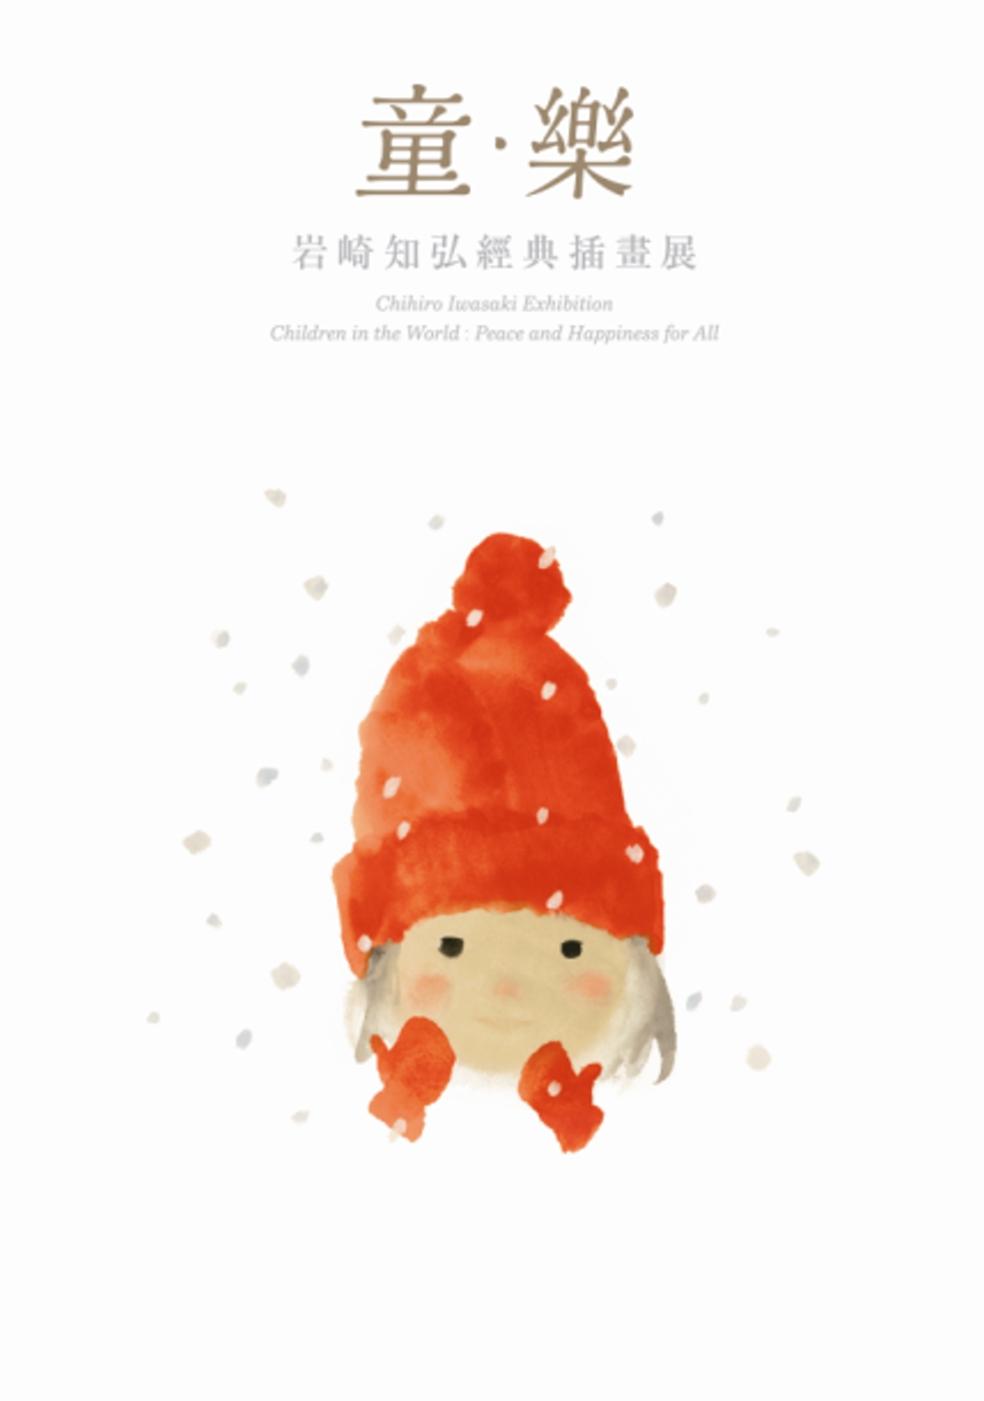 童‧樂:岩崎知弘經典插畫展展覽畫冊